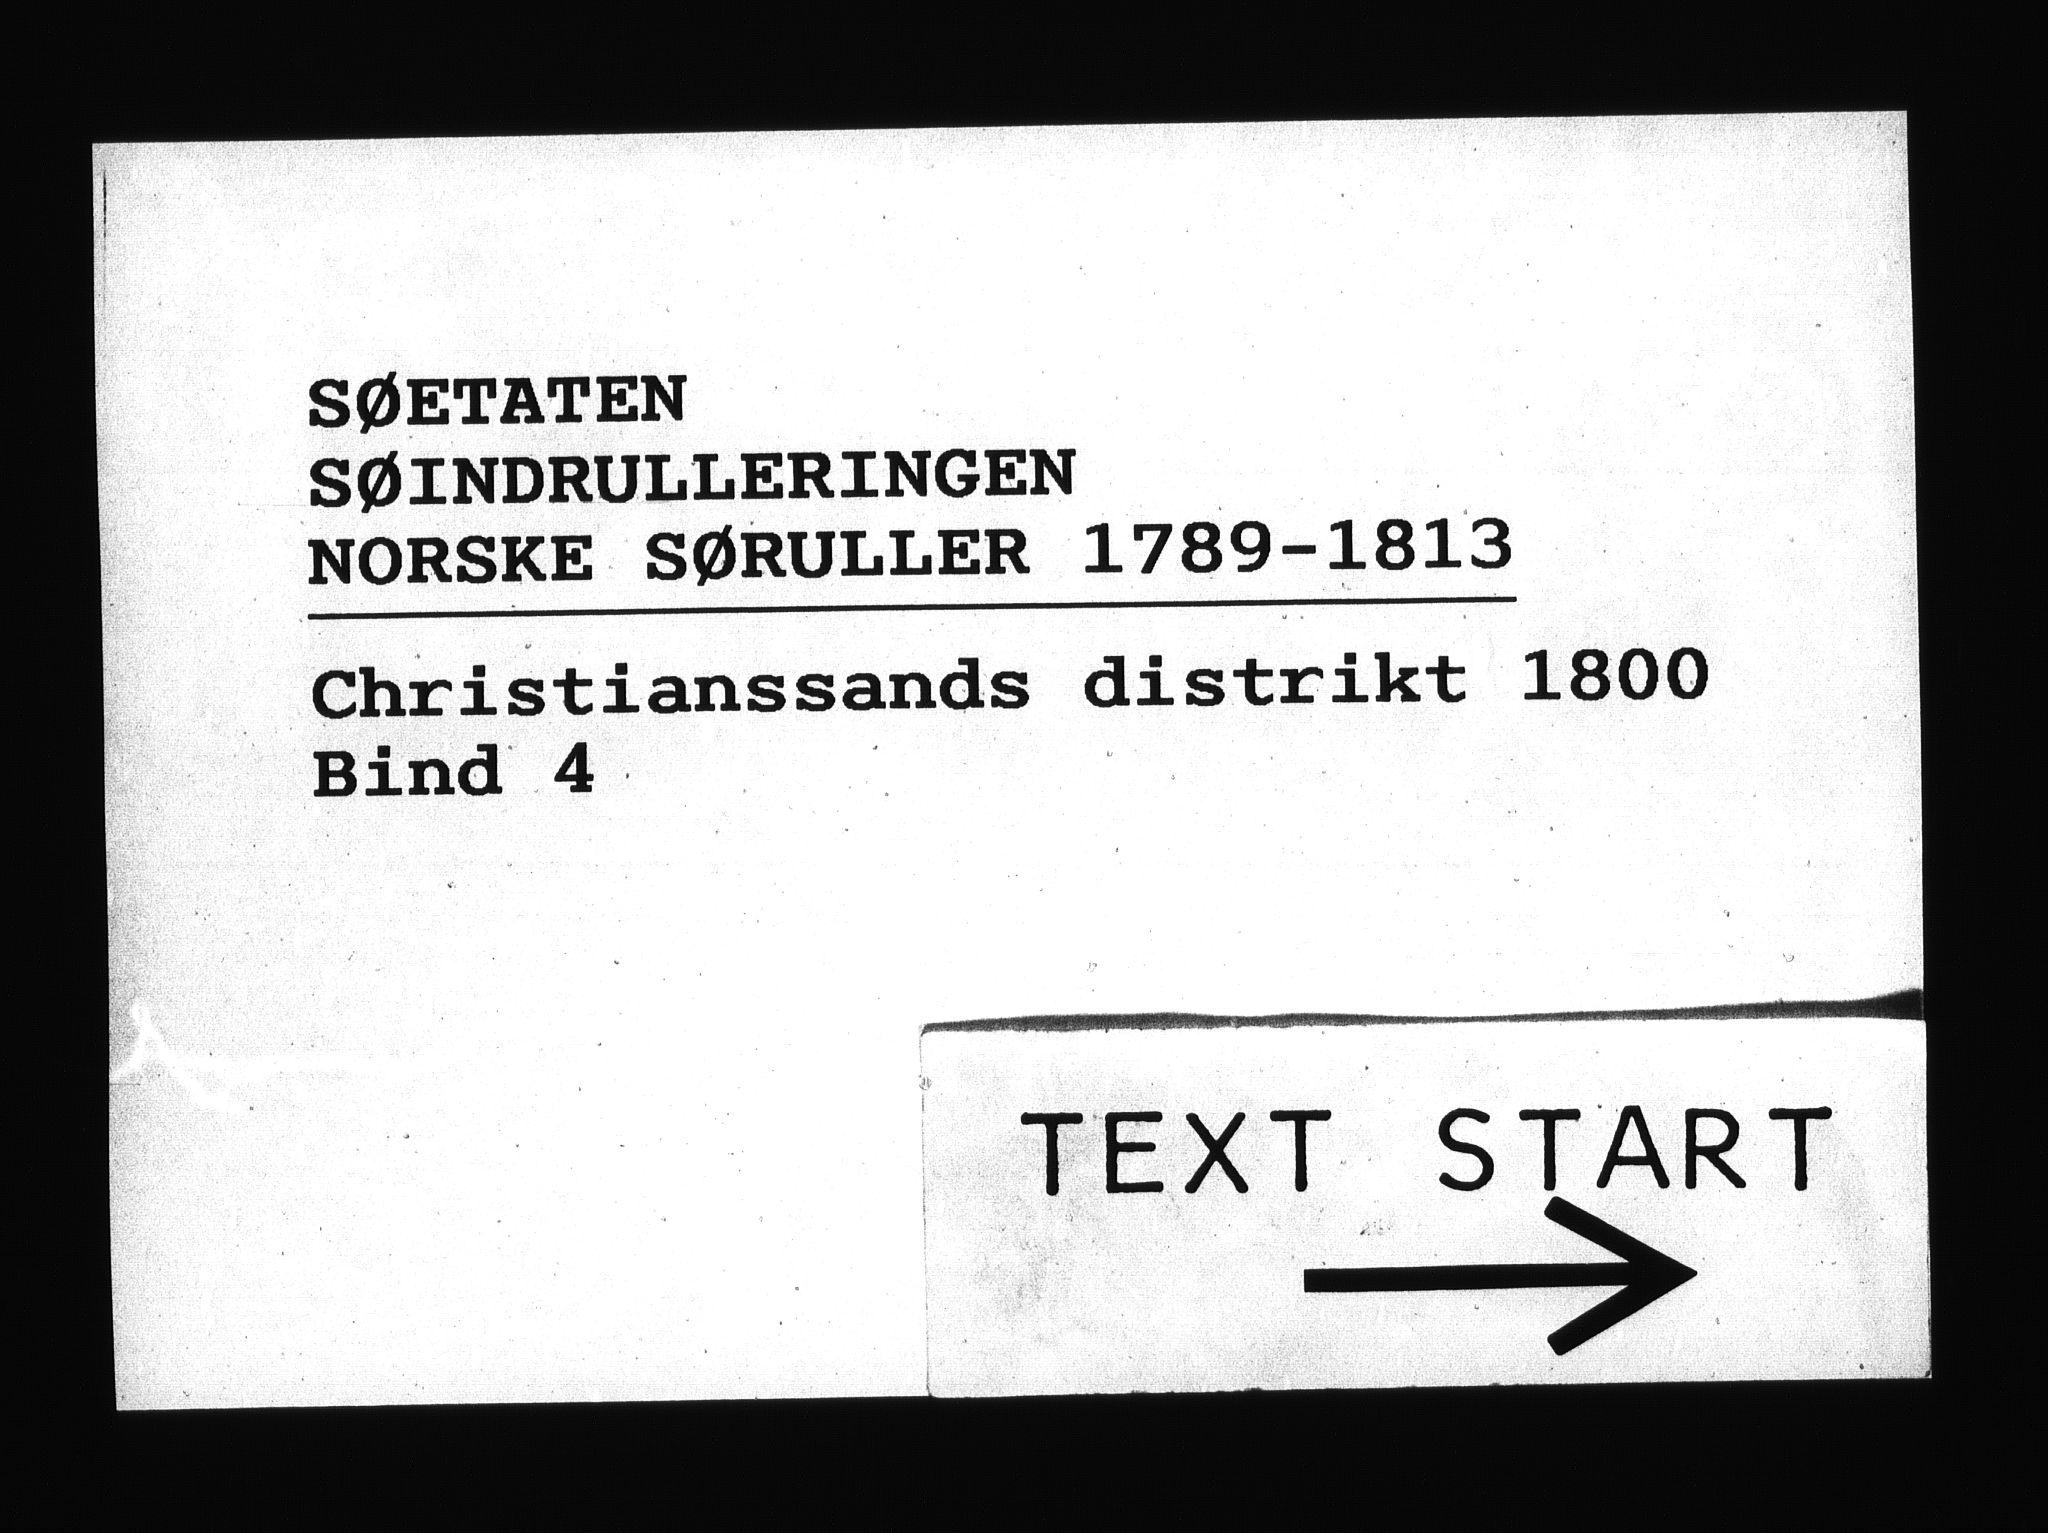 RA, Sjøetaten, F/L0039: Kristiansand distrikt, bind 4, 1800